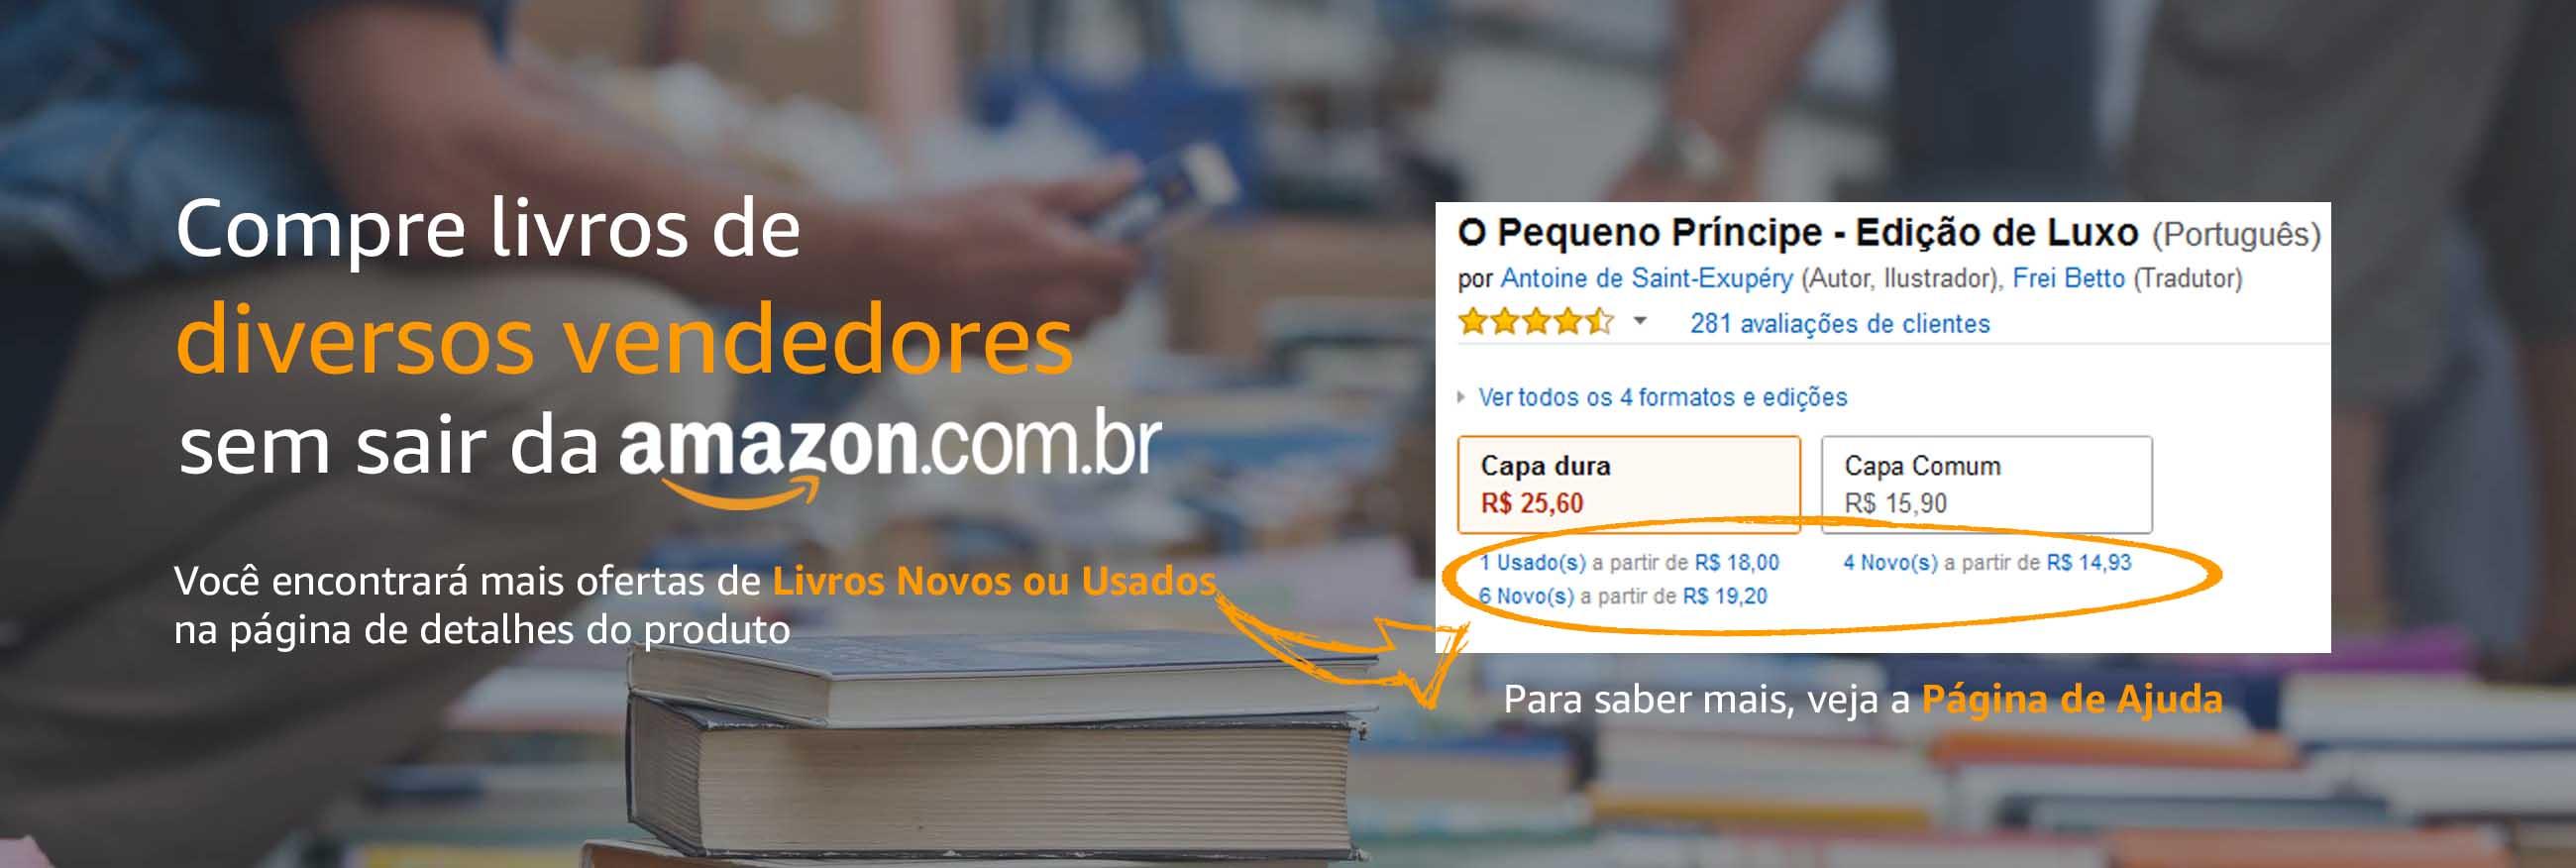 Compre Livros de Diversos Vendedores